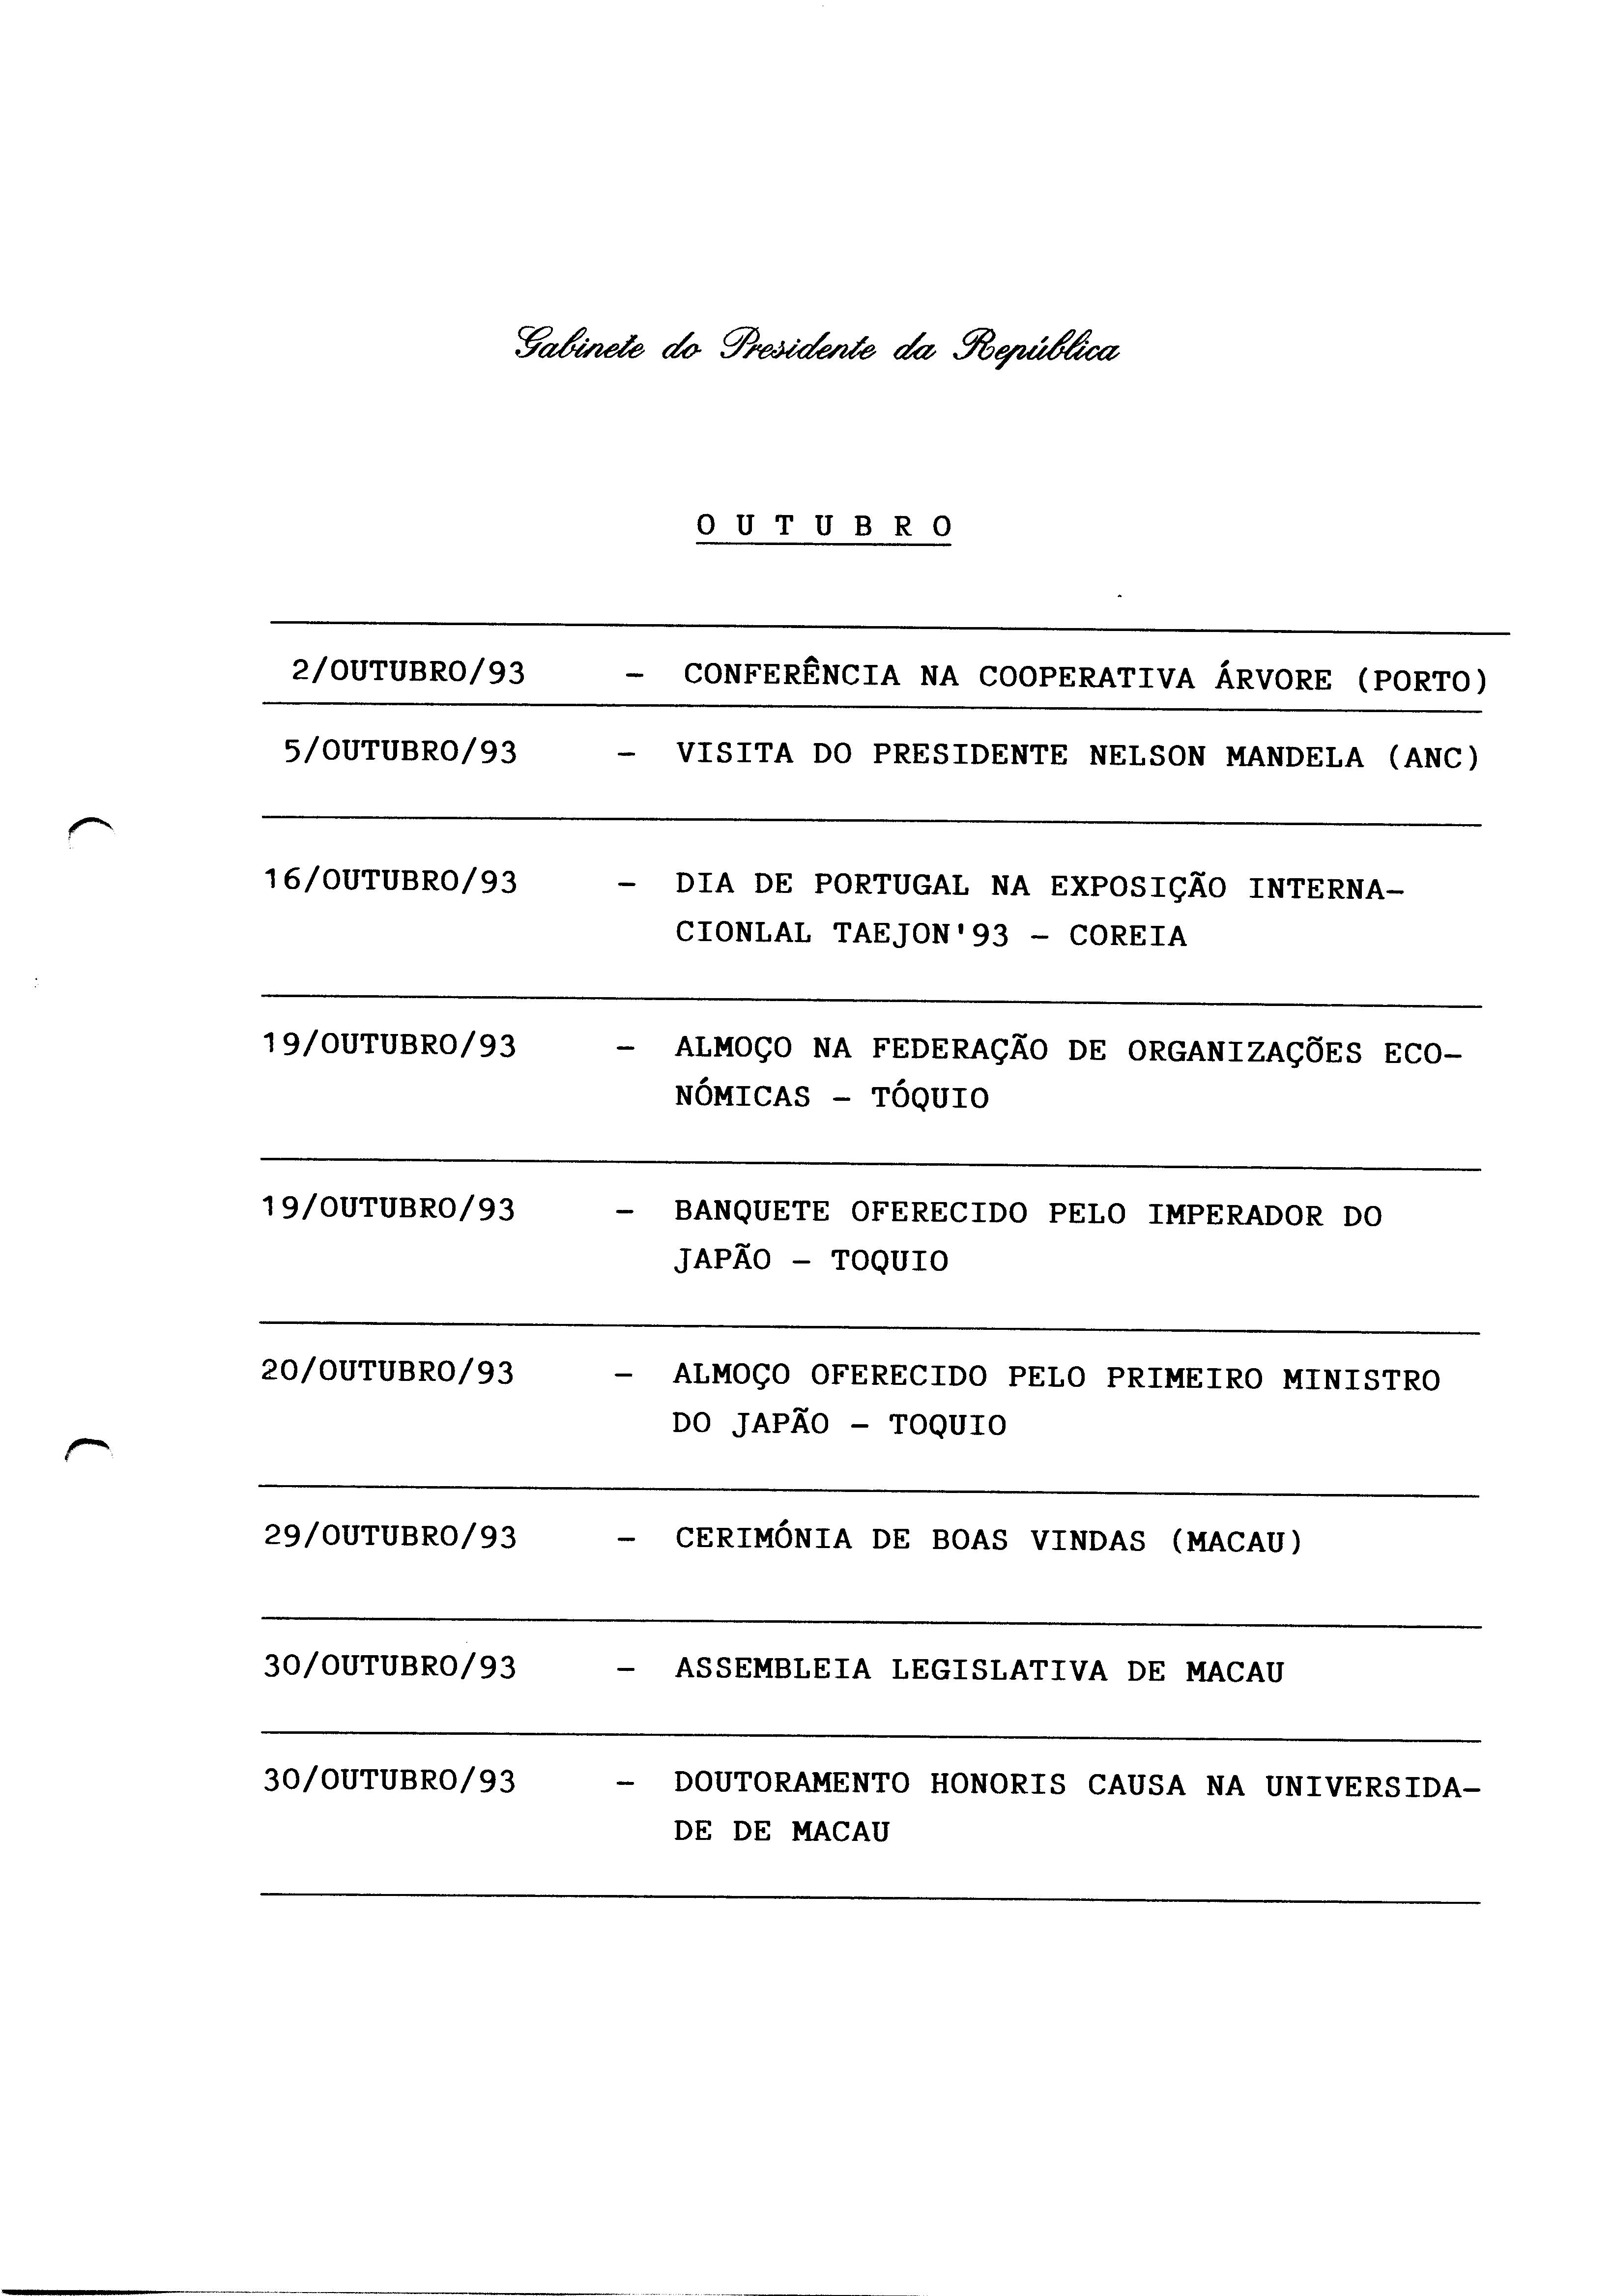 01945.004- pag.1